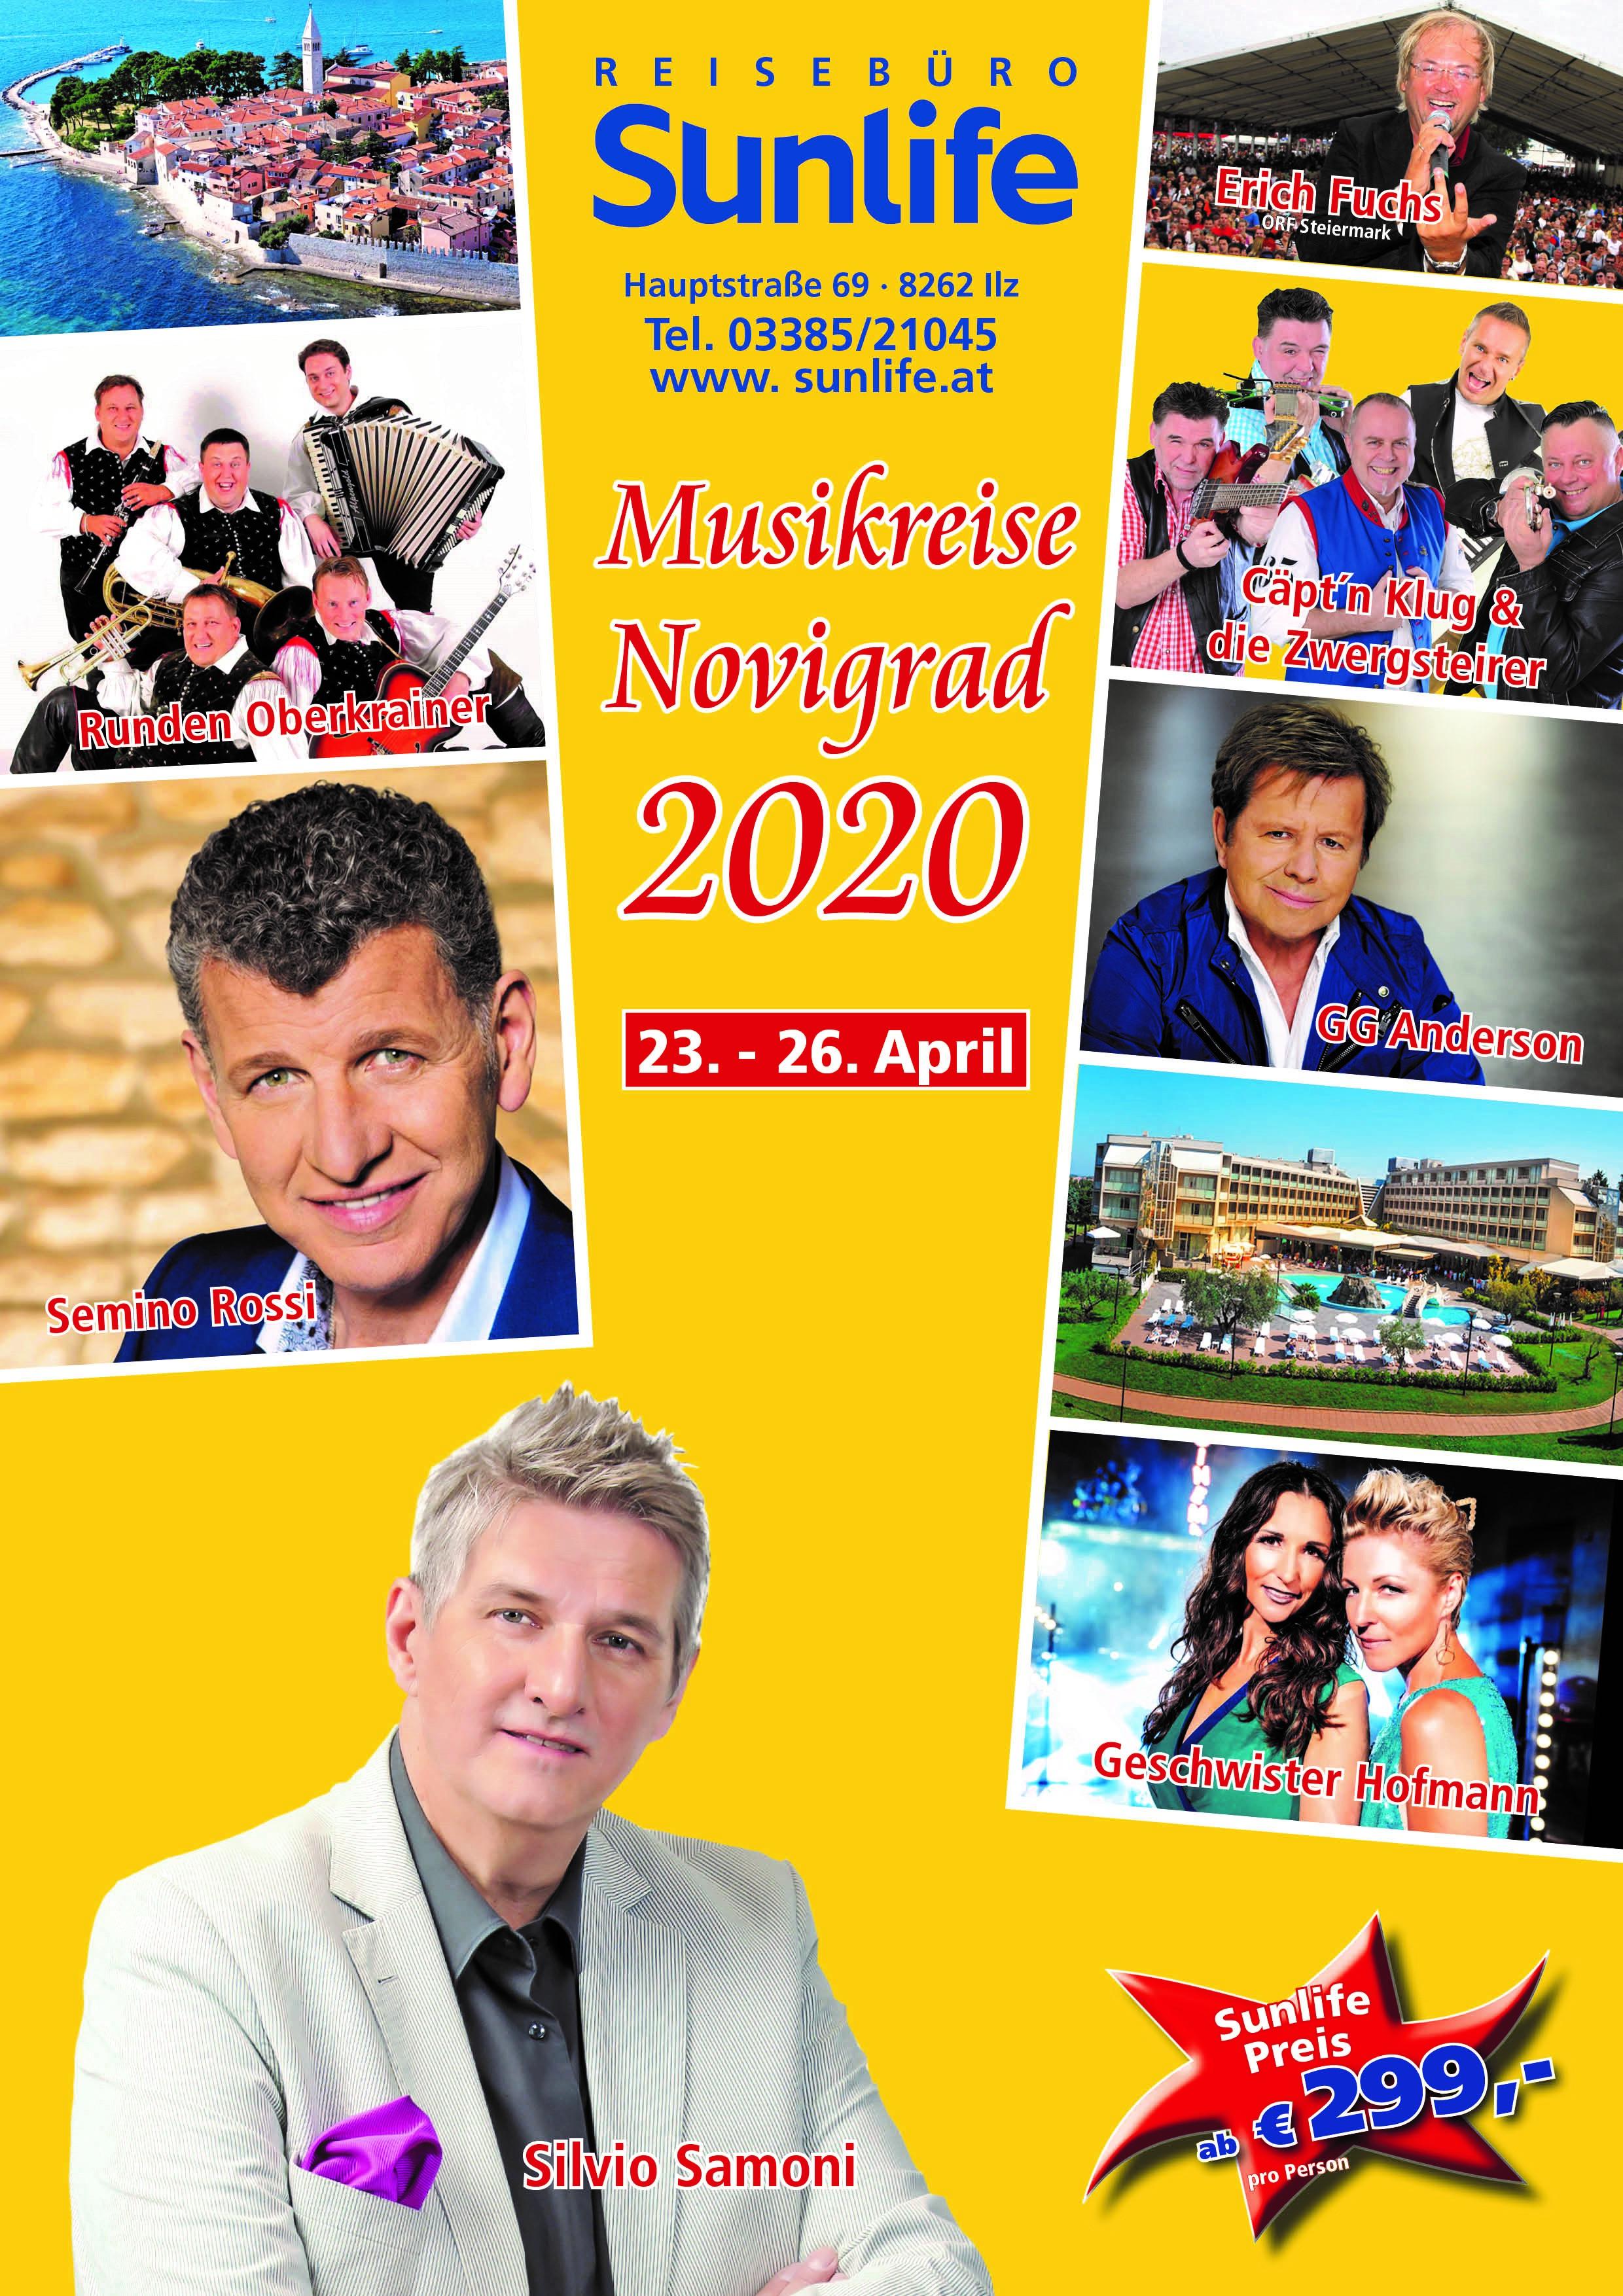 Musikreise 2020 Nach Novigrad Vom 23. – 26.04.2020